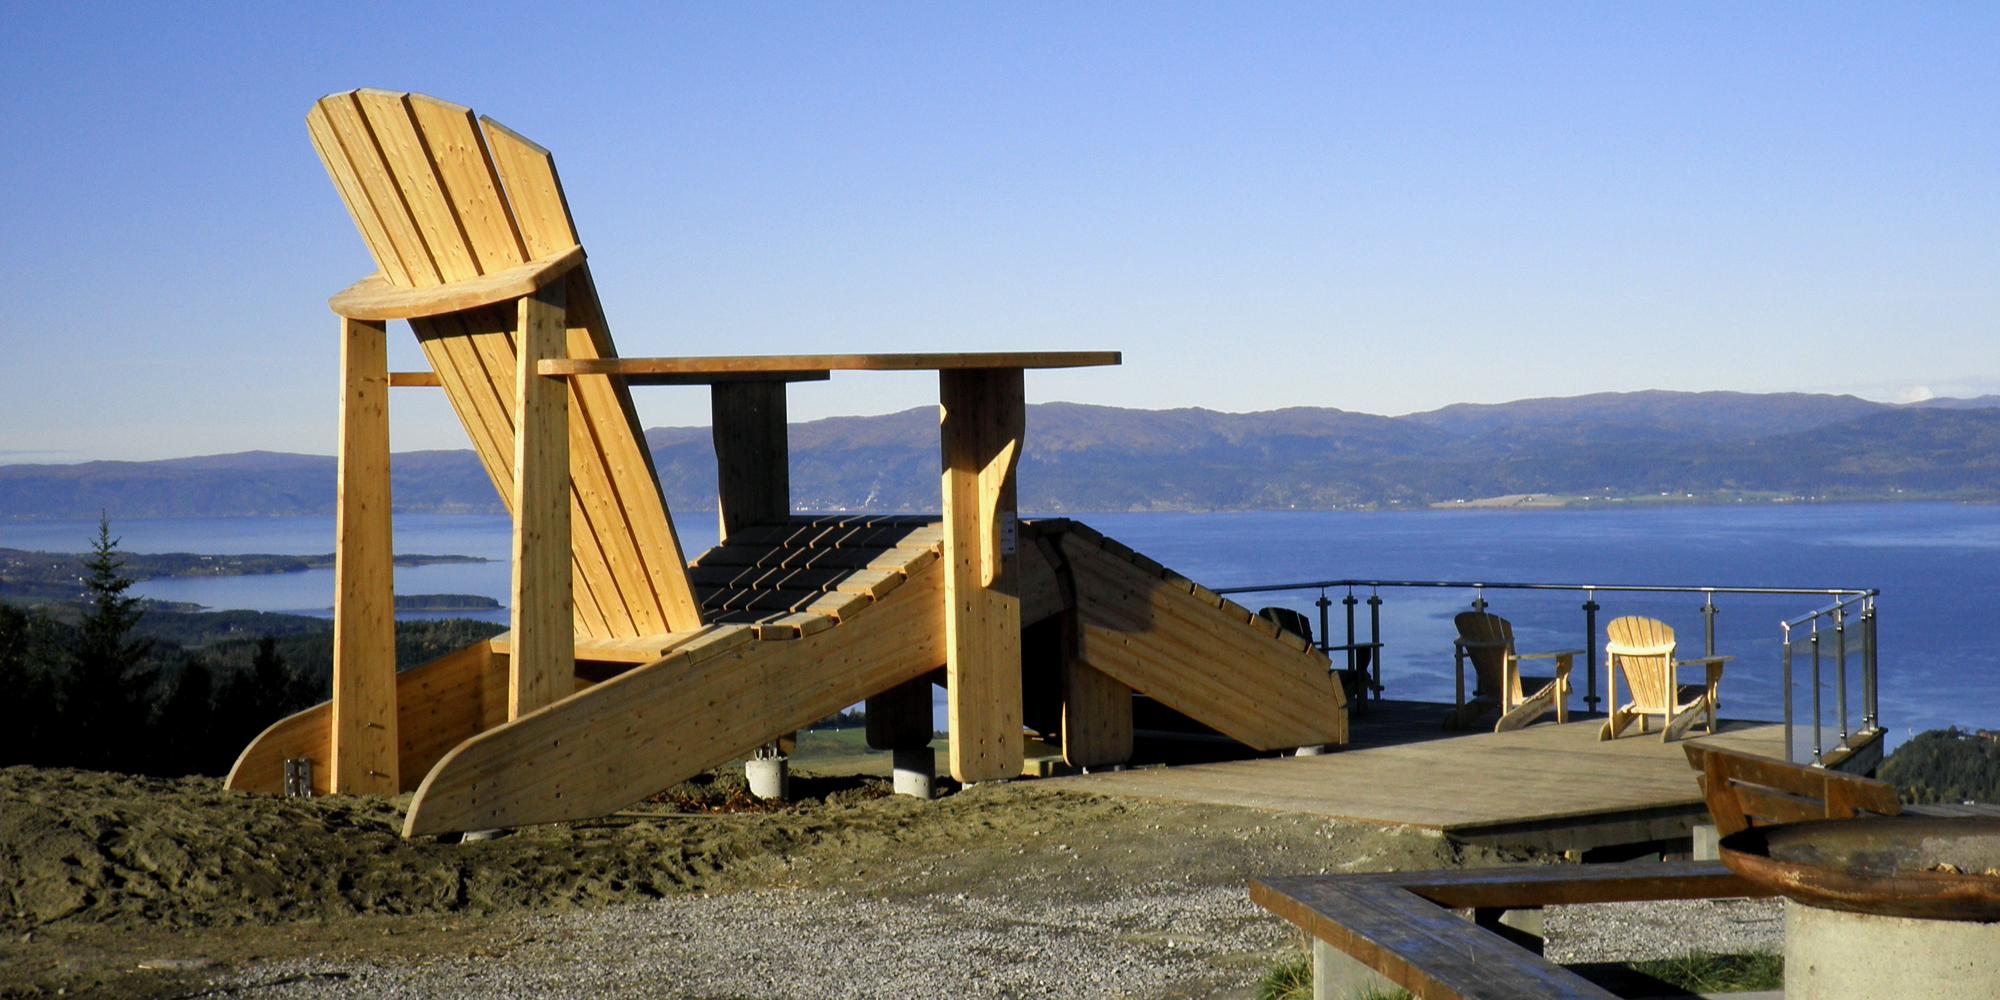 Oftenåsen, Steinkjer med verdens største hagestol